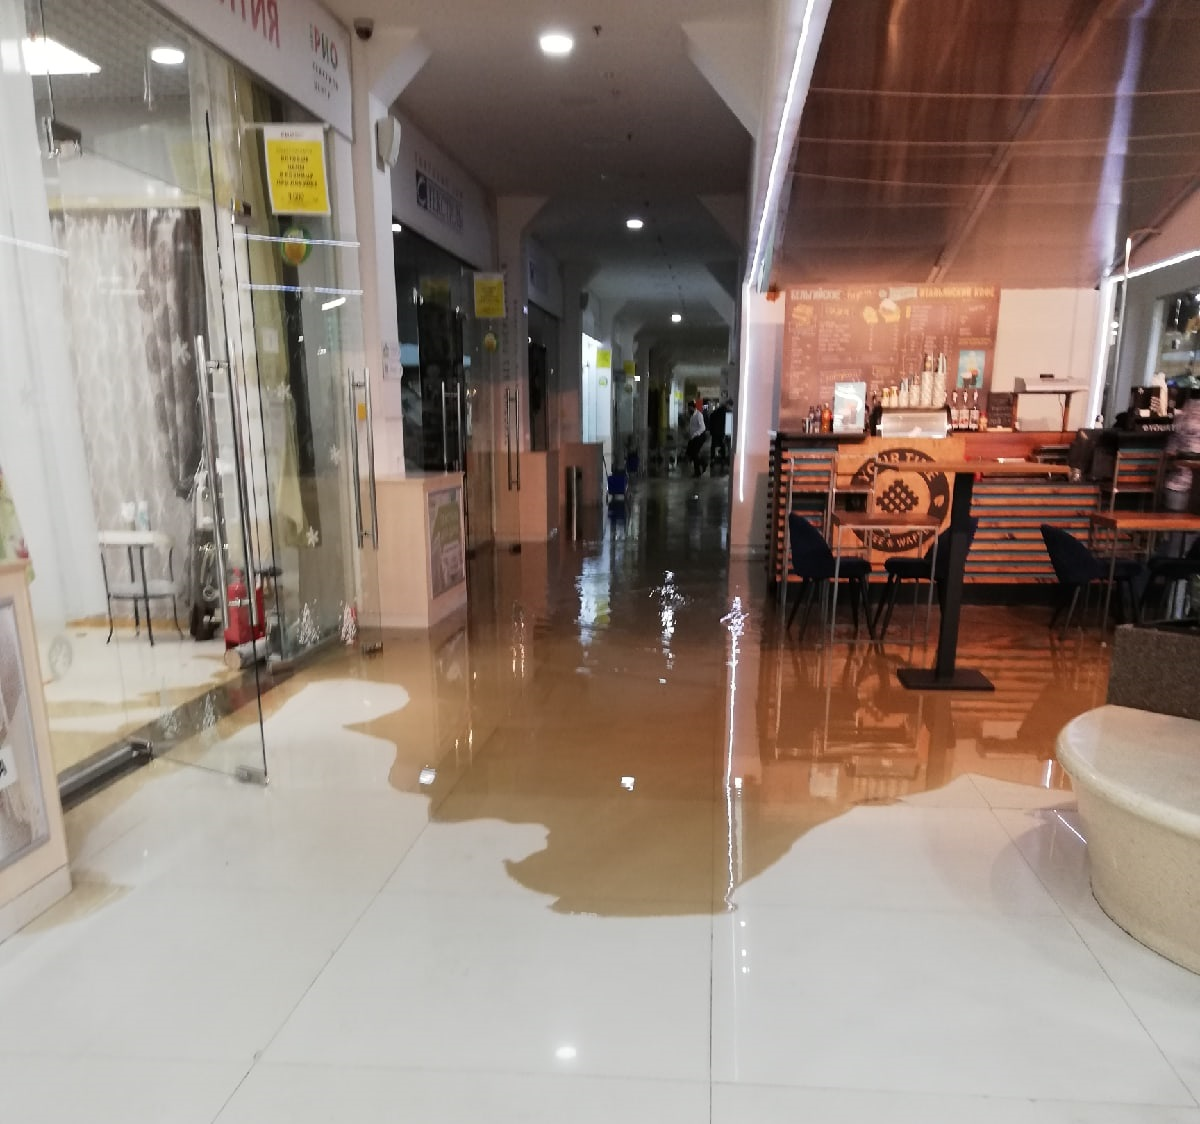 Администрация ярославского торгового центра прокомментировала утренний потоп в здании